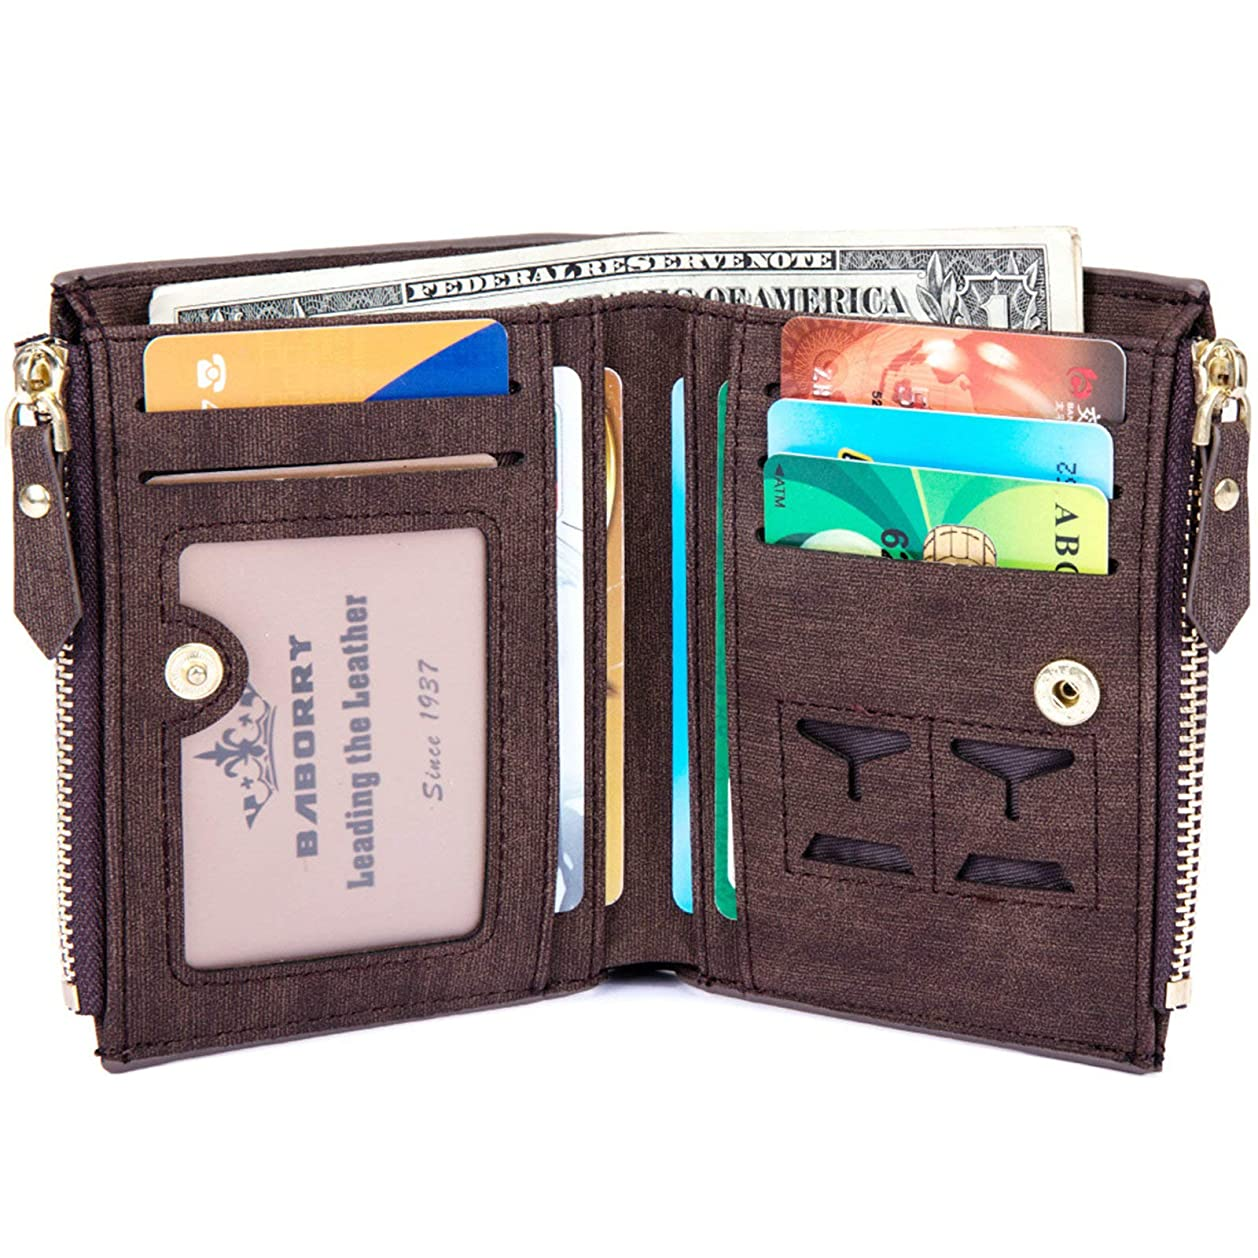 マディソン顧問よろめくAdisaer-PU レザー メンズ 男性用 財布 小銭入れ 二つ折り財布 カード入れ 父の日 記念日 誕生日 ギフト プレゼント 特別な贈り物